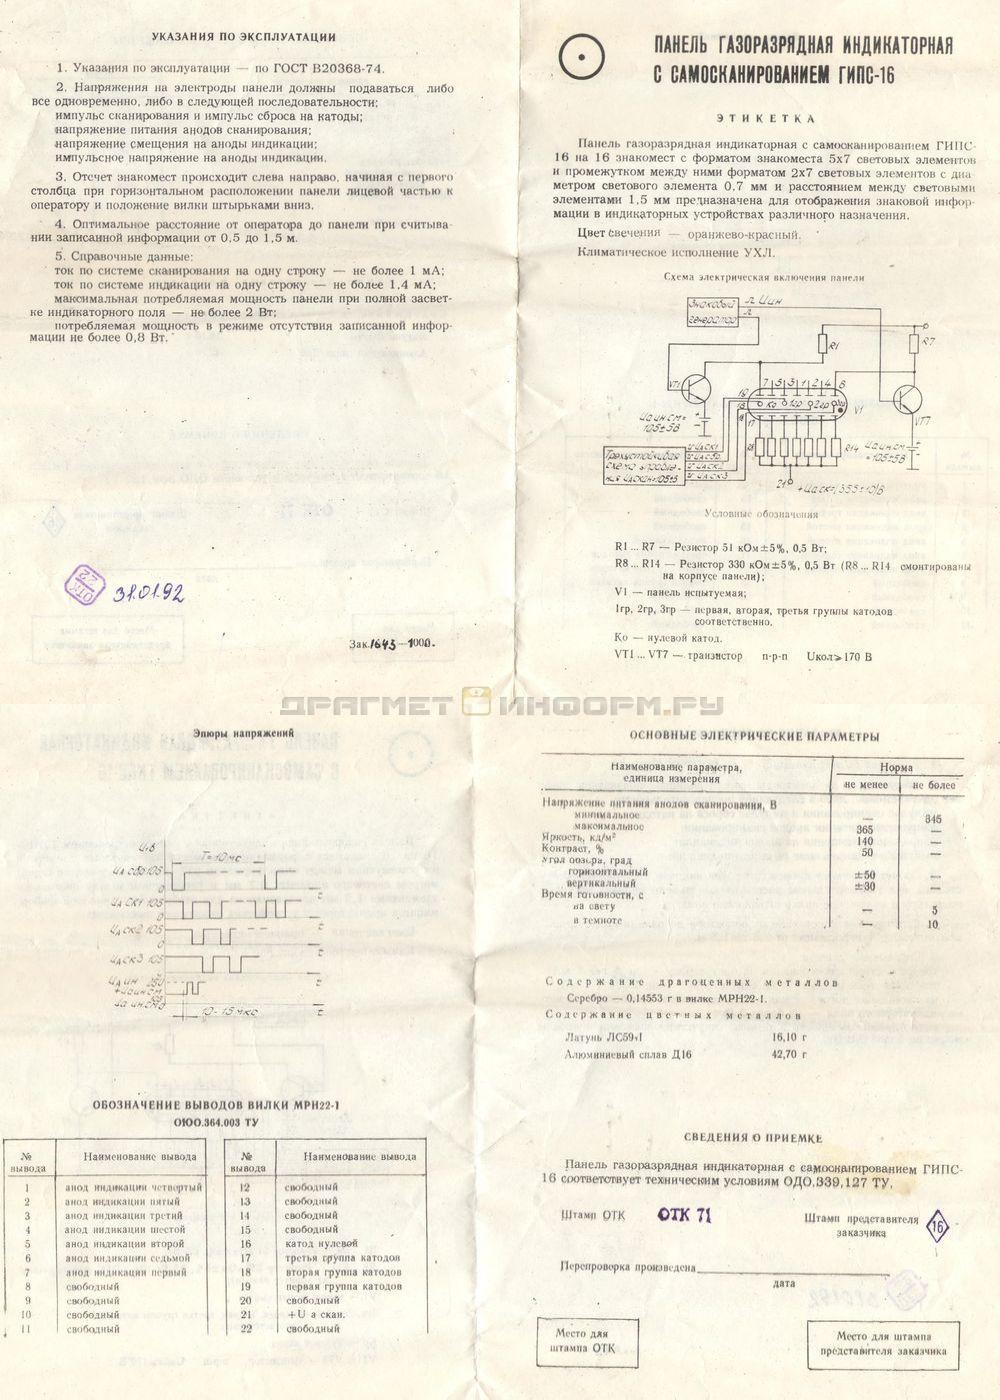 Формуляр МРН22-1 Р 039